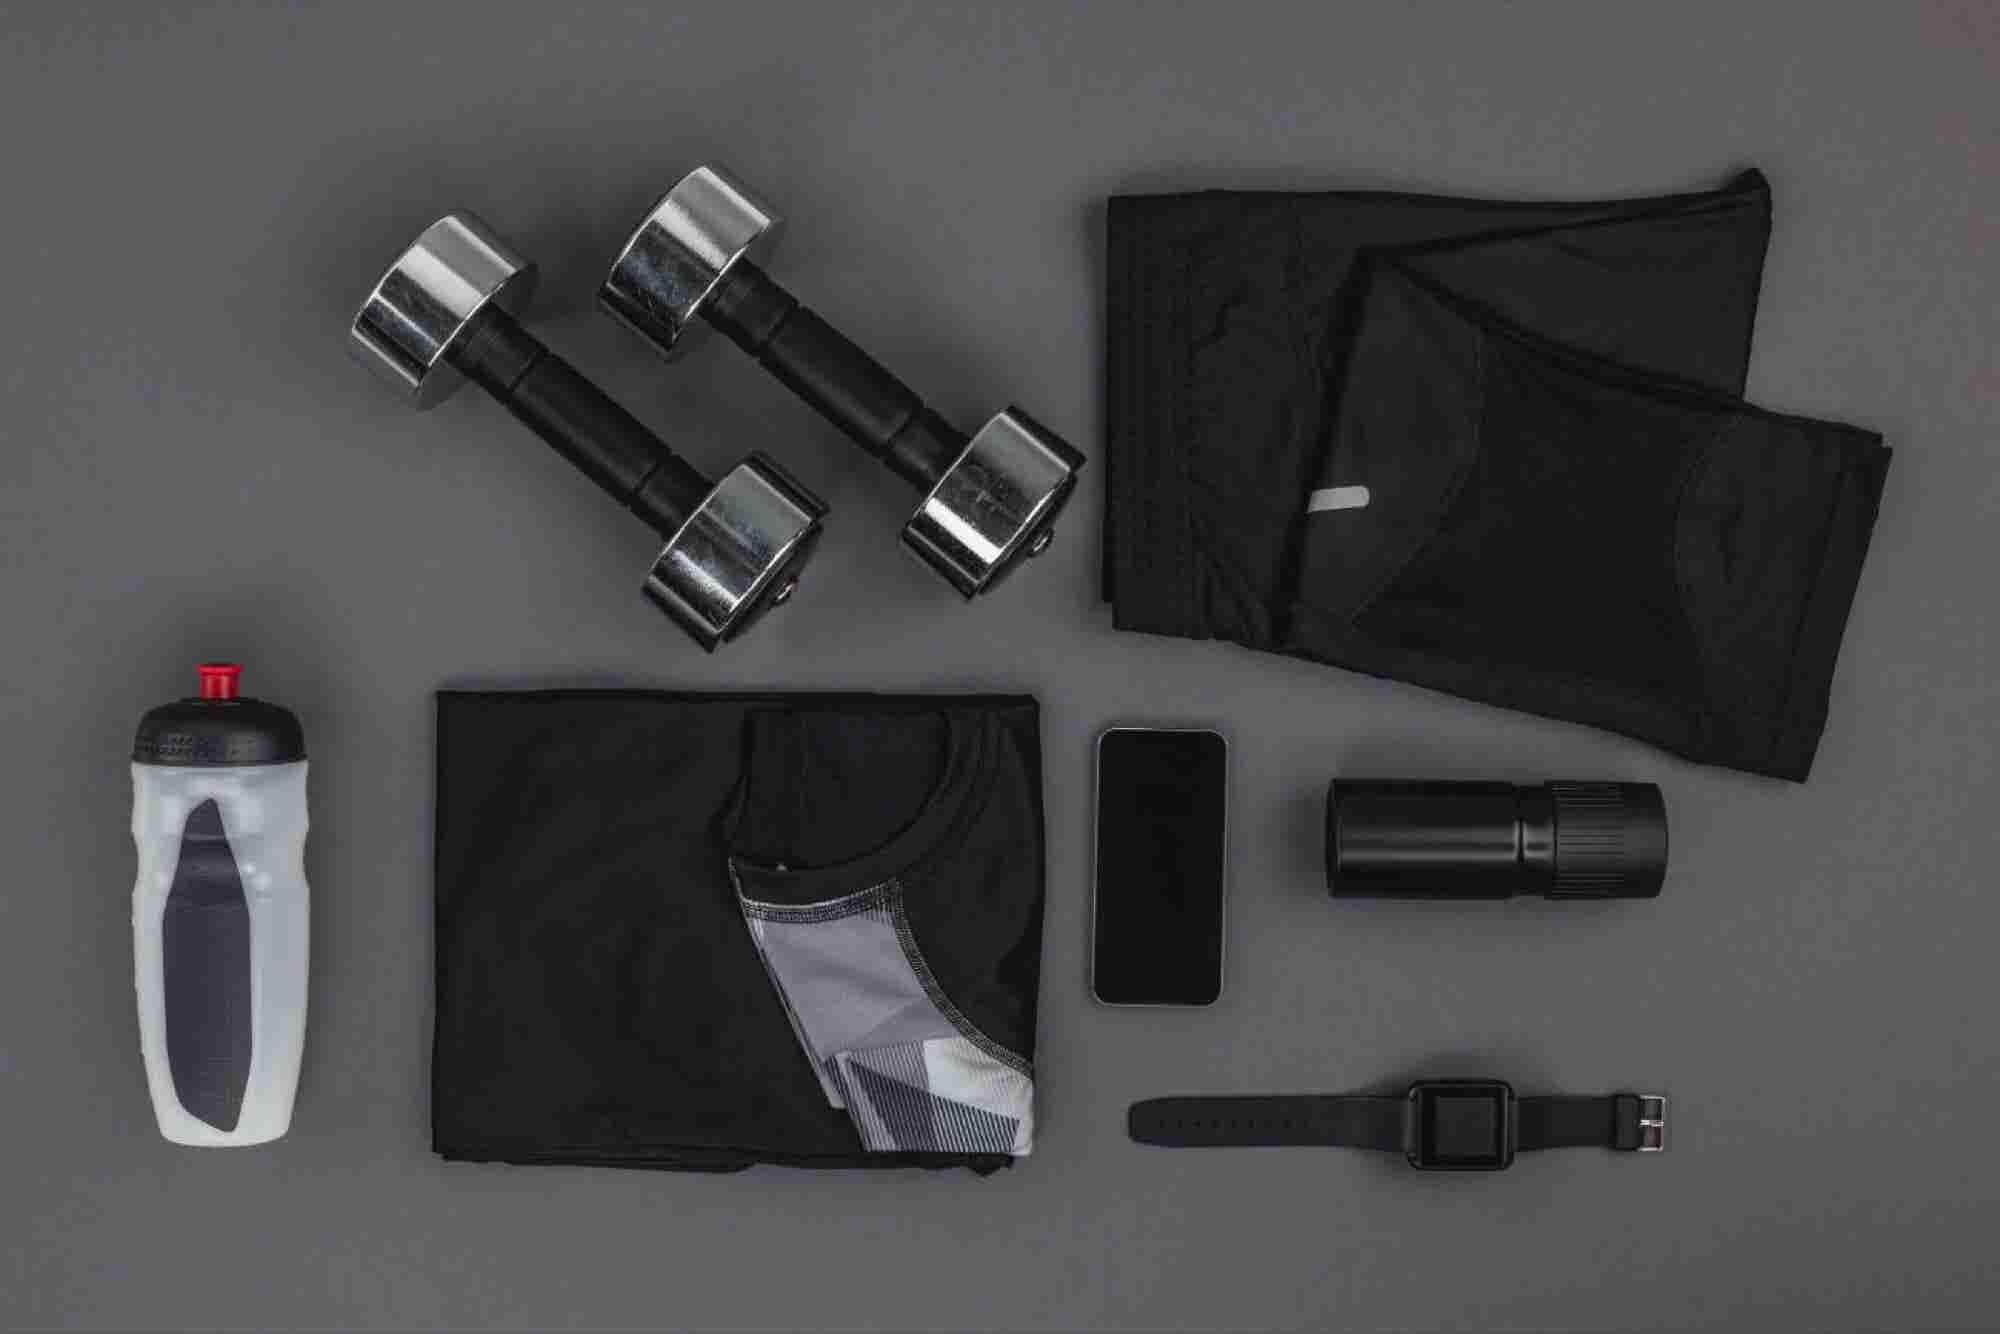 Galería: Conoce los 10 gadgets deportivos más innovadores del momento